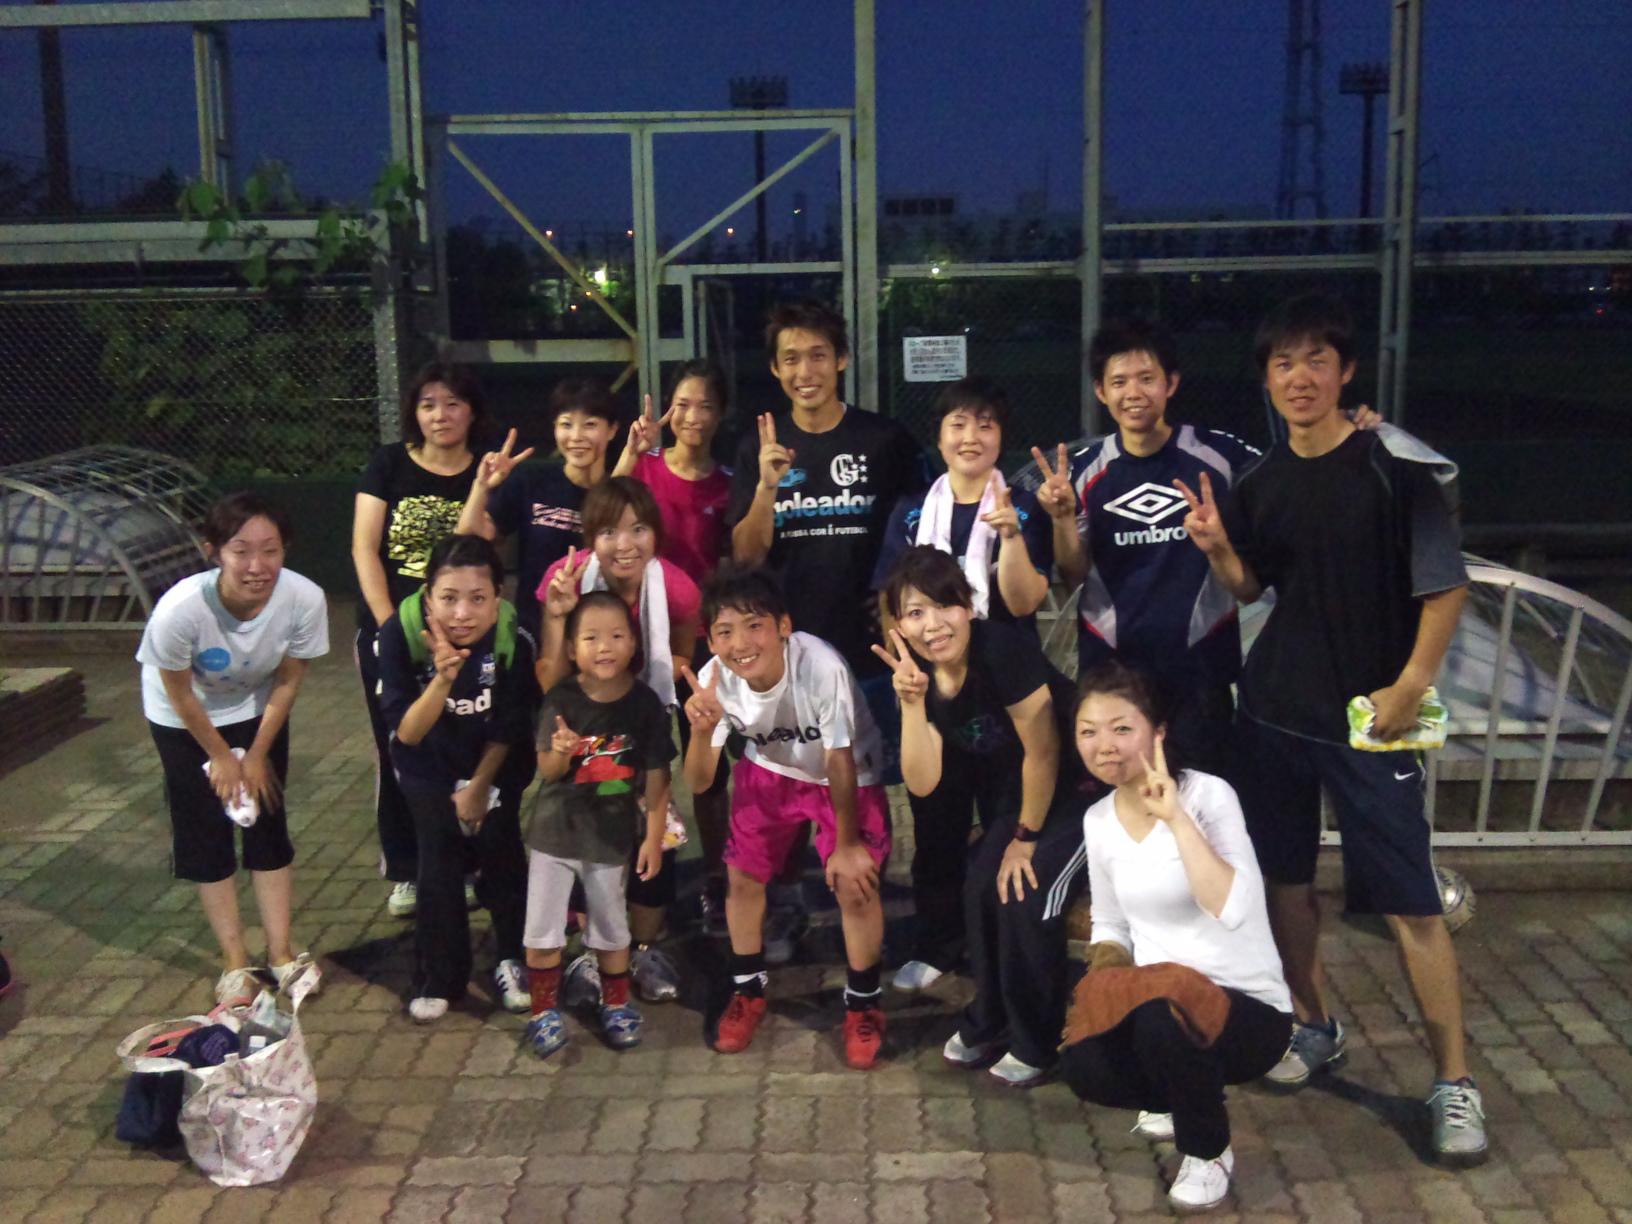 2011-08-06 19.03.12.jpg